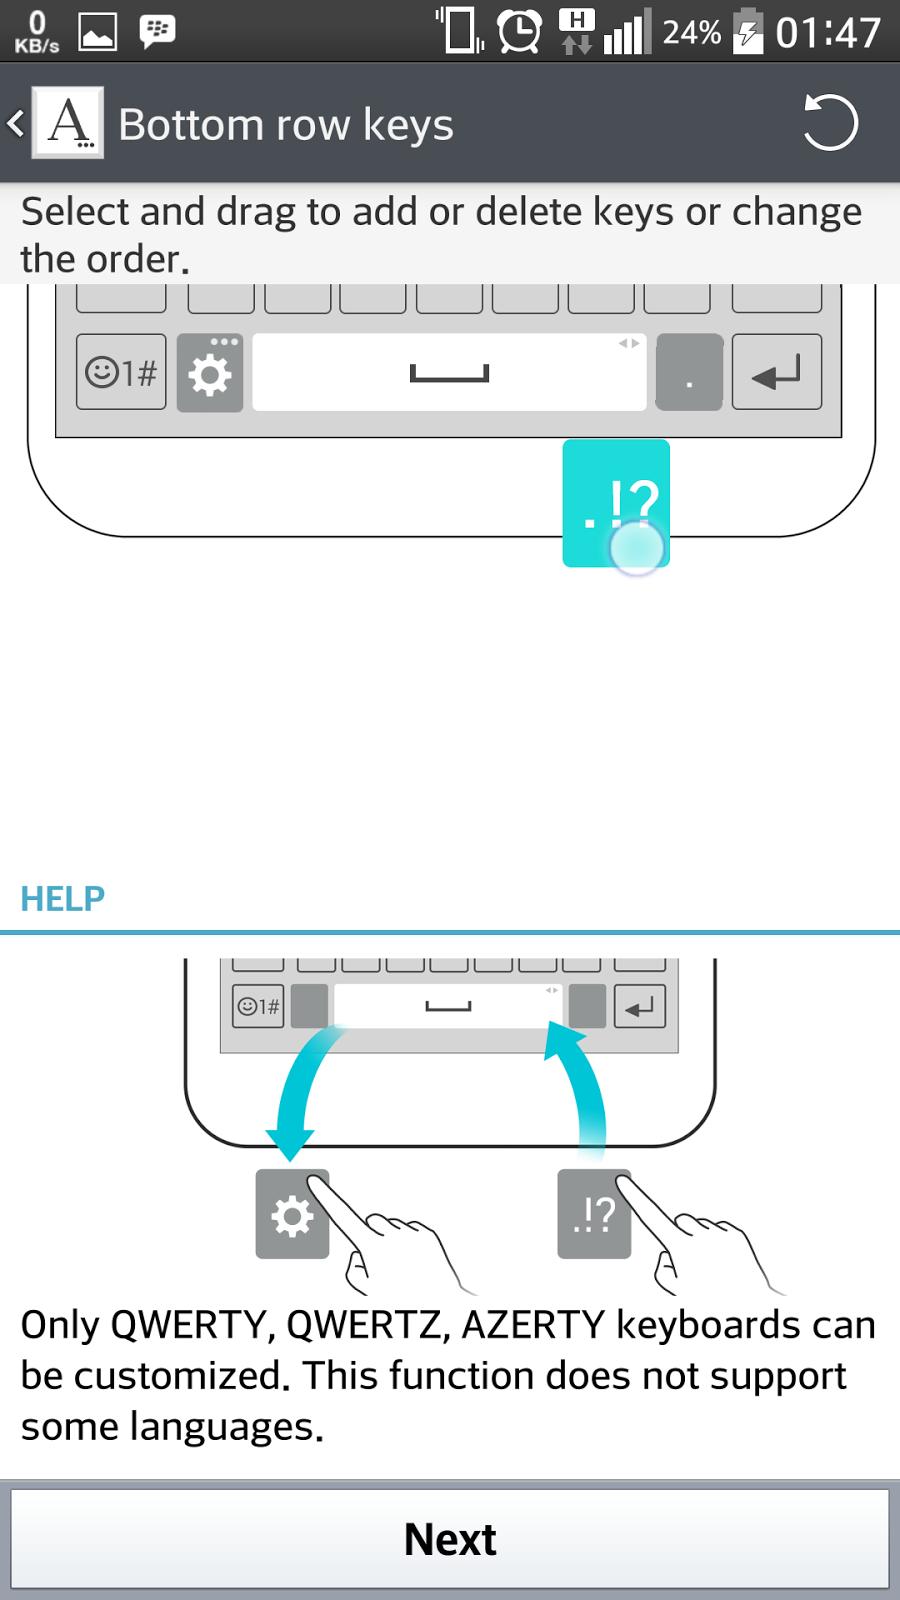 himzzz's space: LG G3 keyboard on LG G Pro KitKat